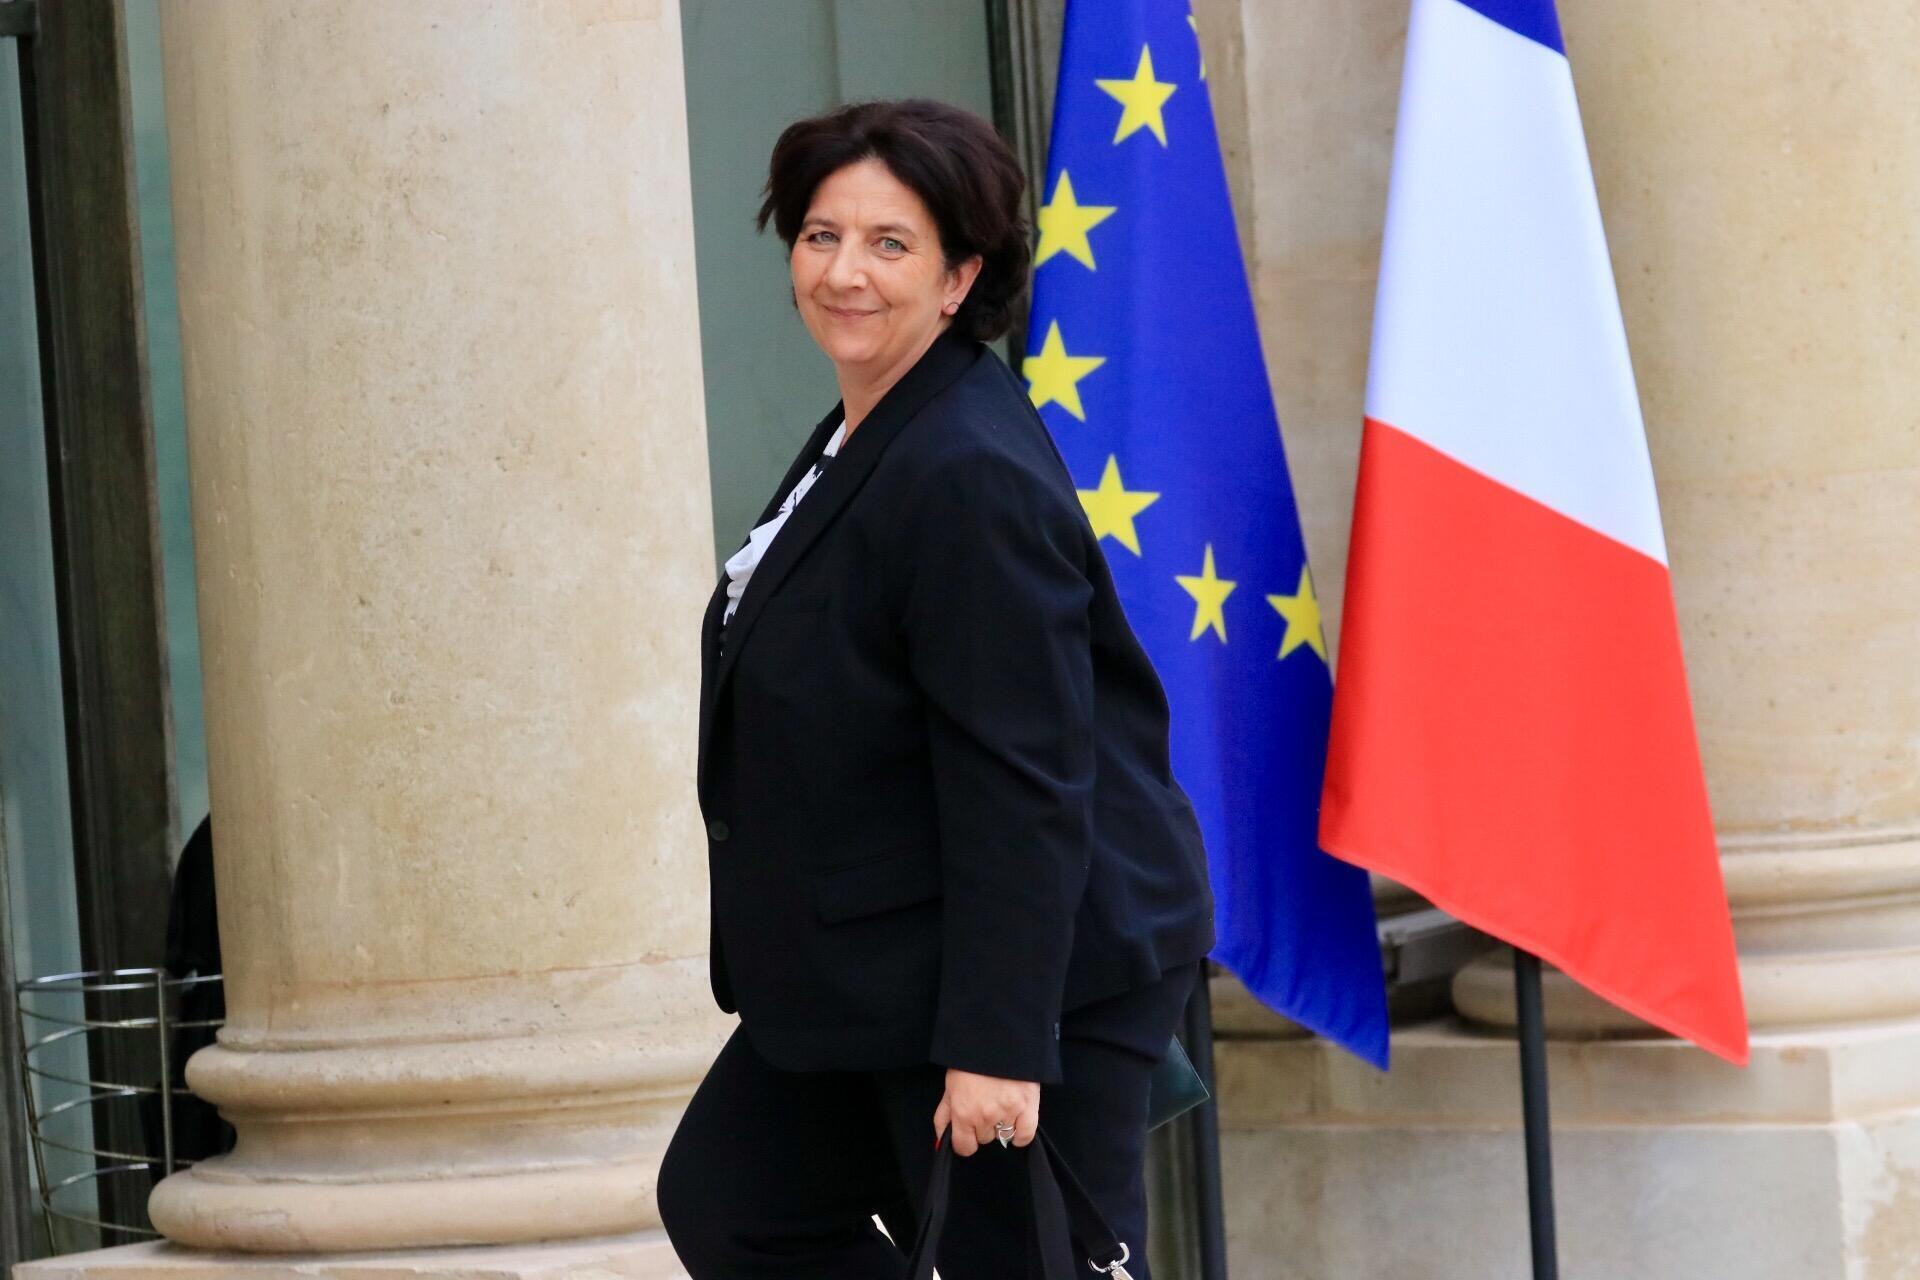 Министр высшего образования, исследований и инноваций Франции Фредерик Видаль.